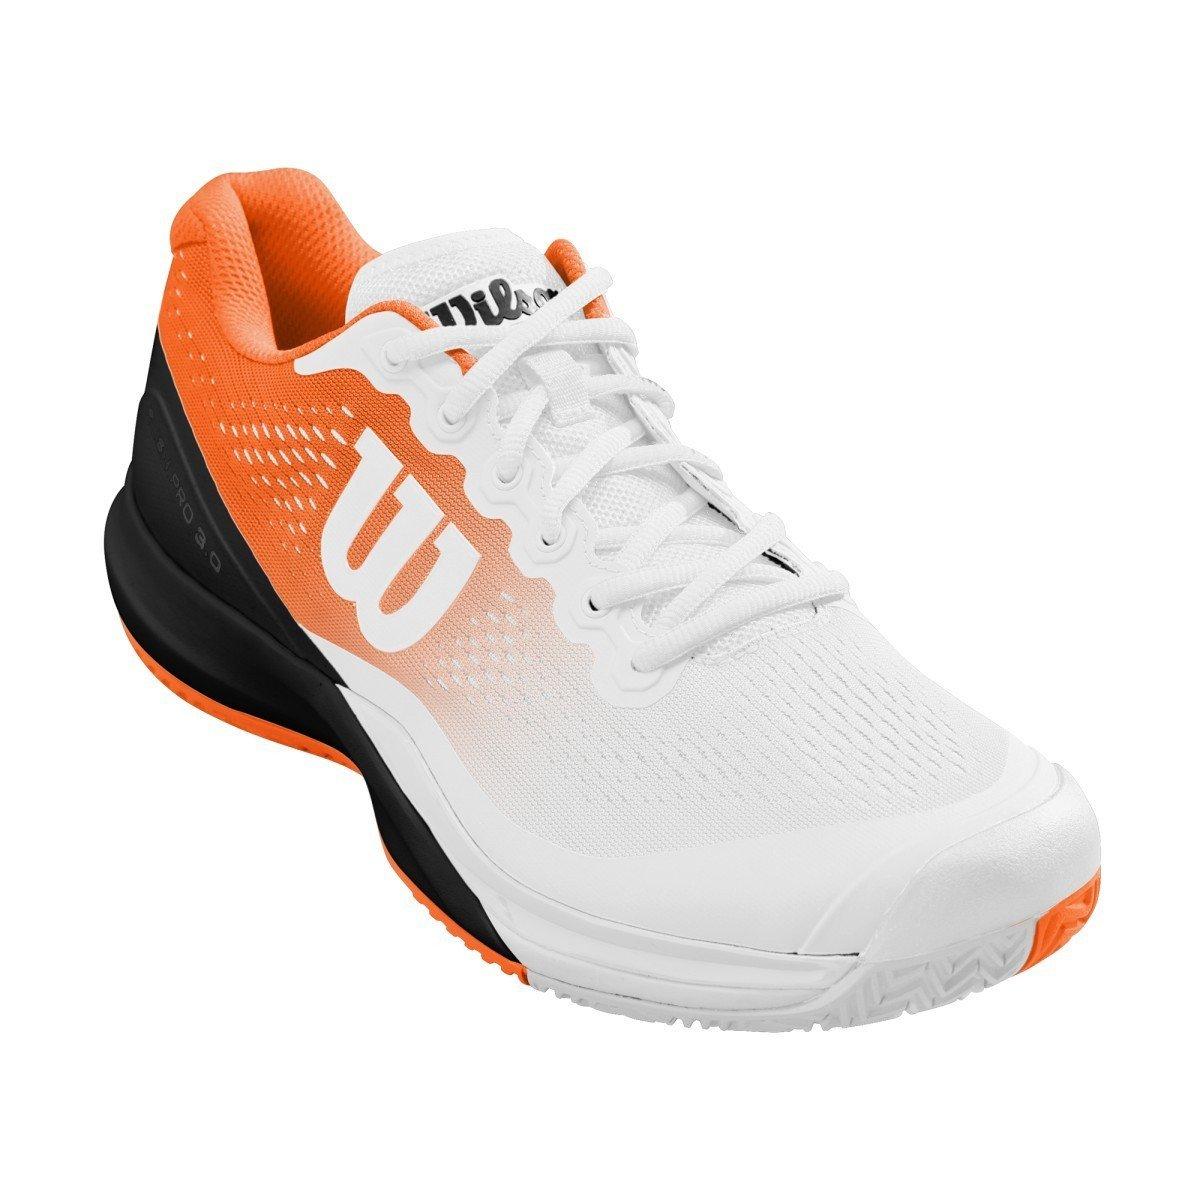 Wilson Tennis Shoes – Men's Rush Pro 3.0 Paris Edition